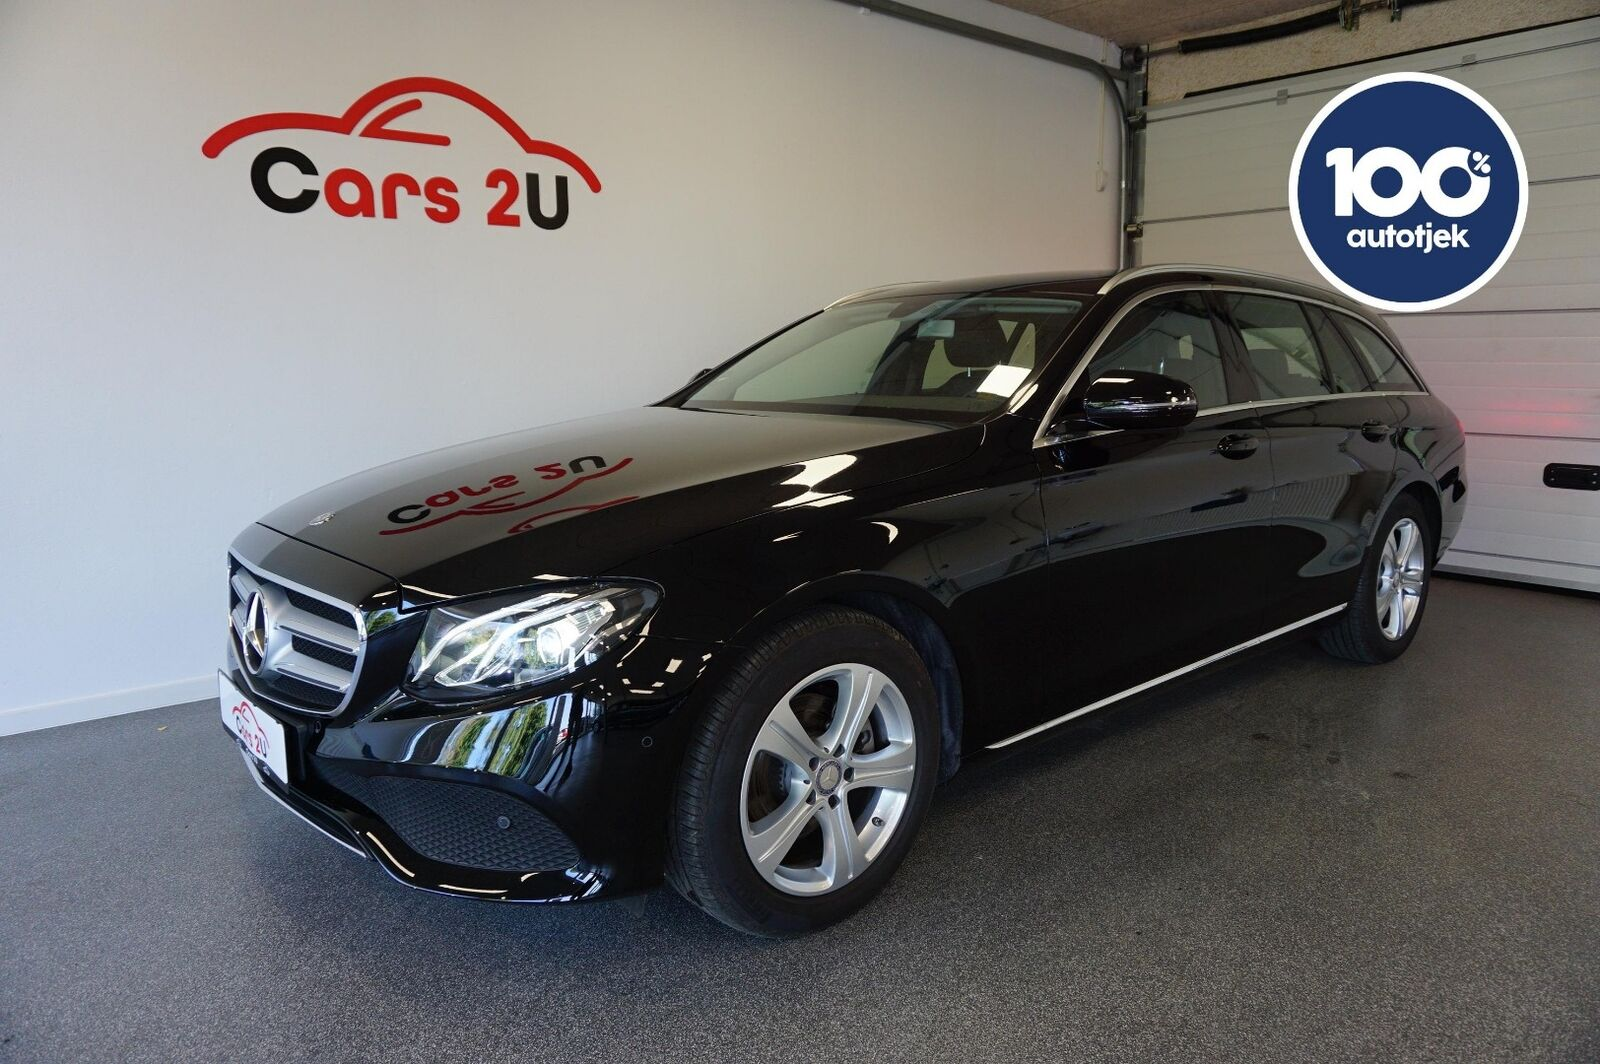 Mercedes E220 d 2,0 stc. aut. 5d - 469.900 kr.